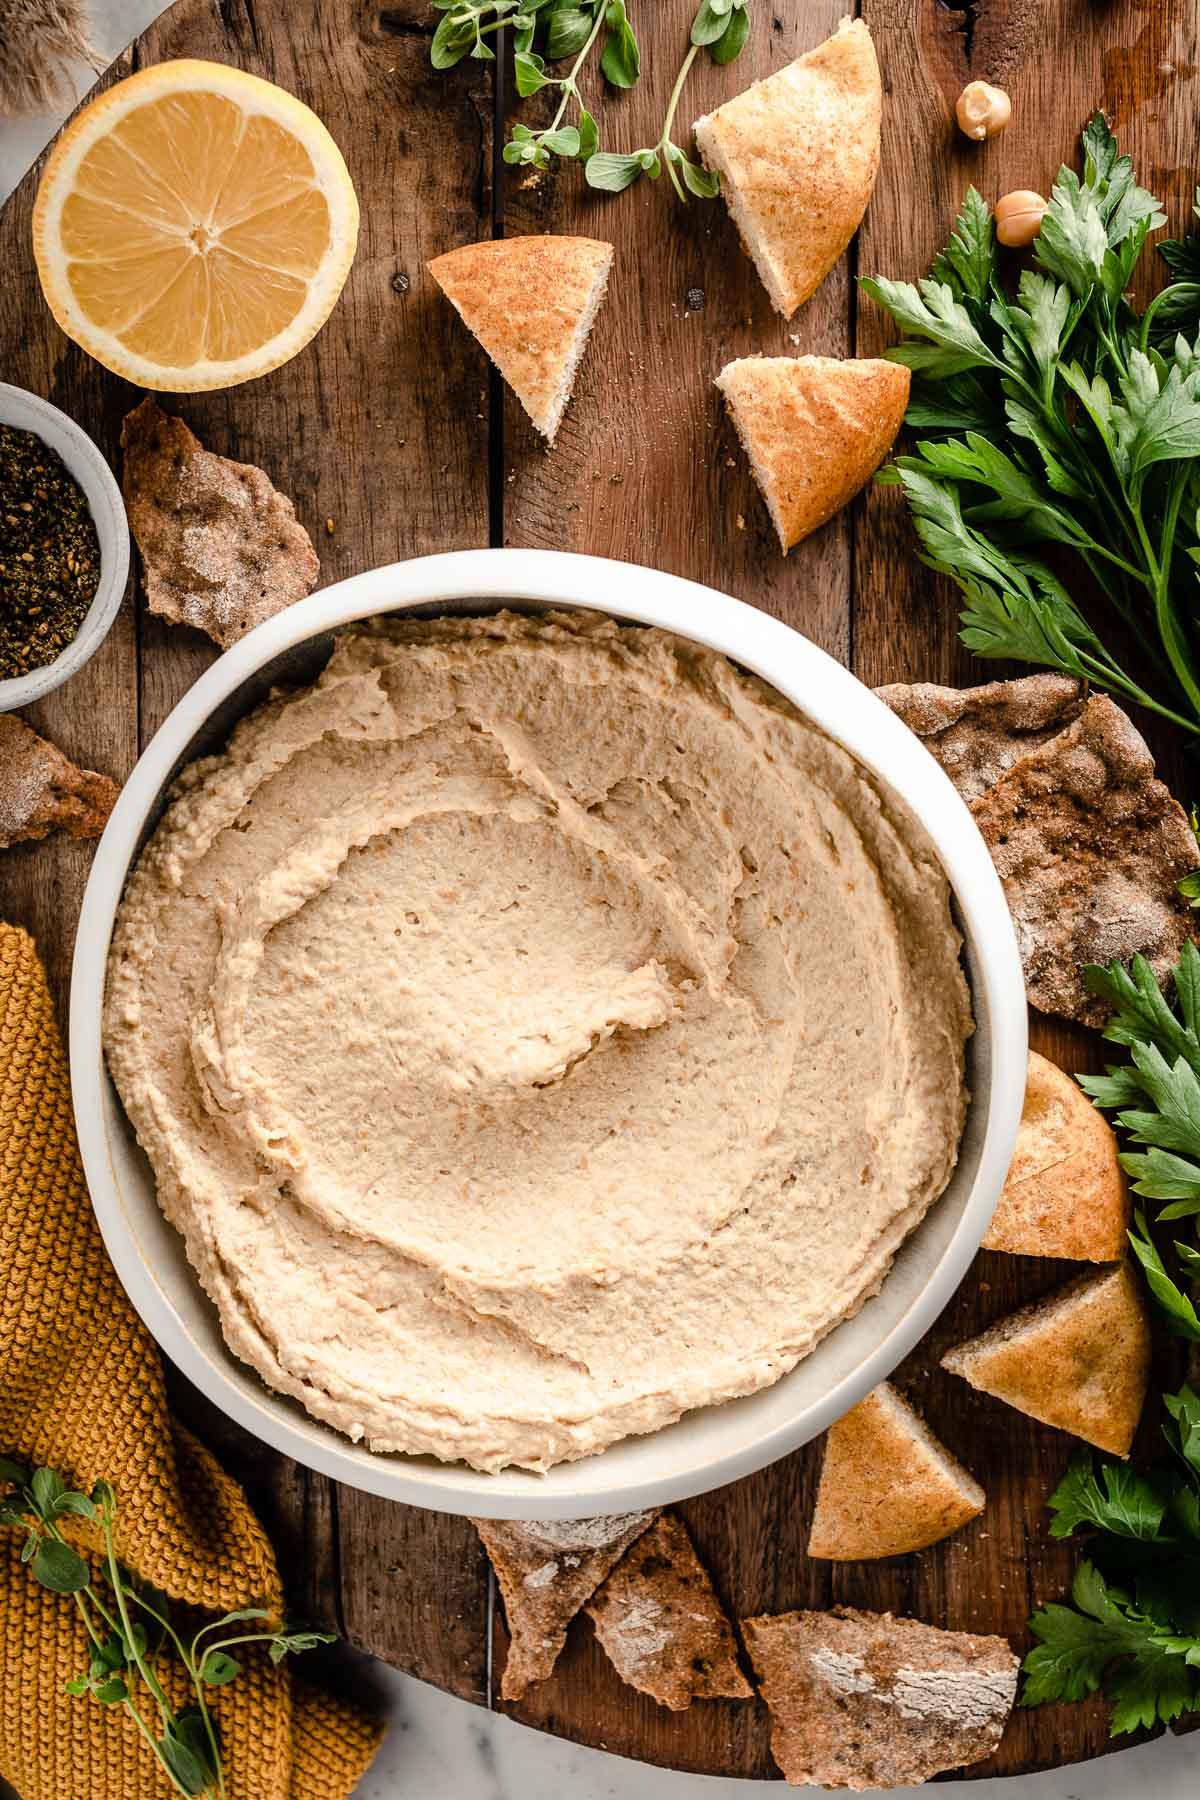 come fare hummus di ceci ricetta originale how to make the best hummus recipe vegan